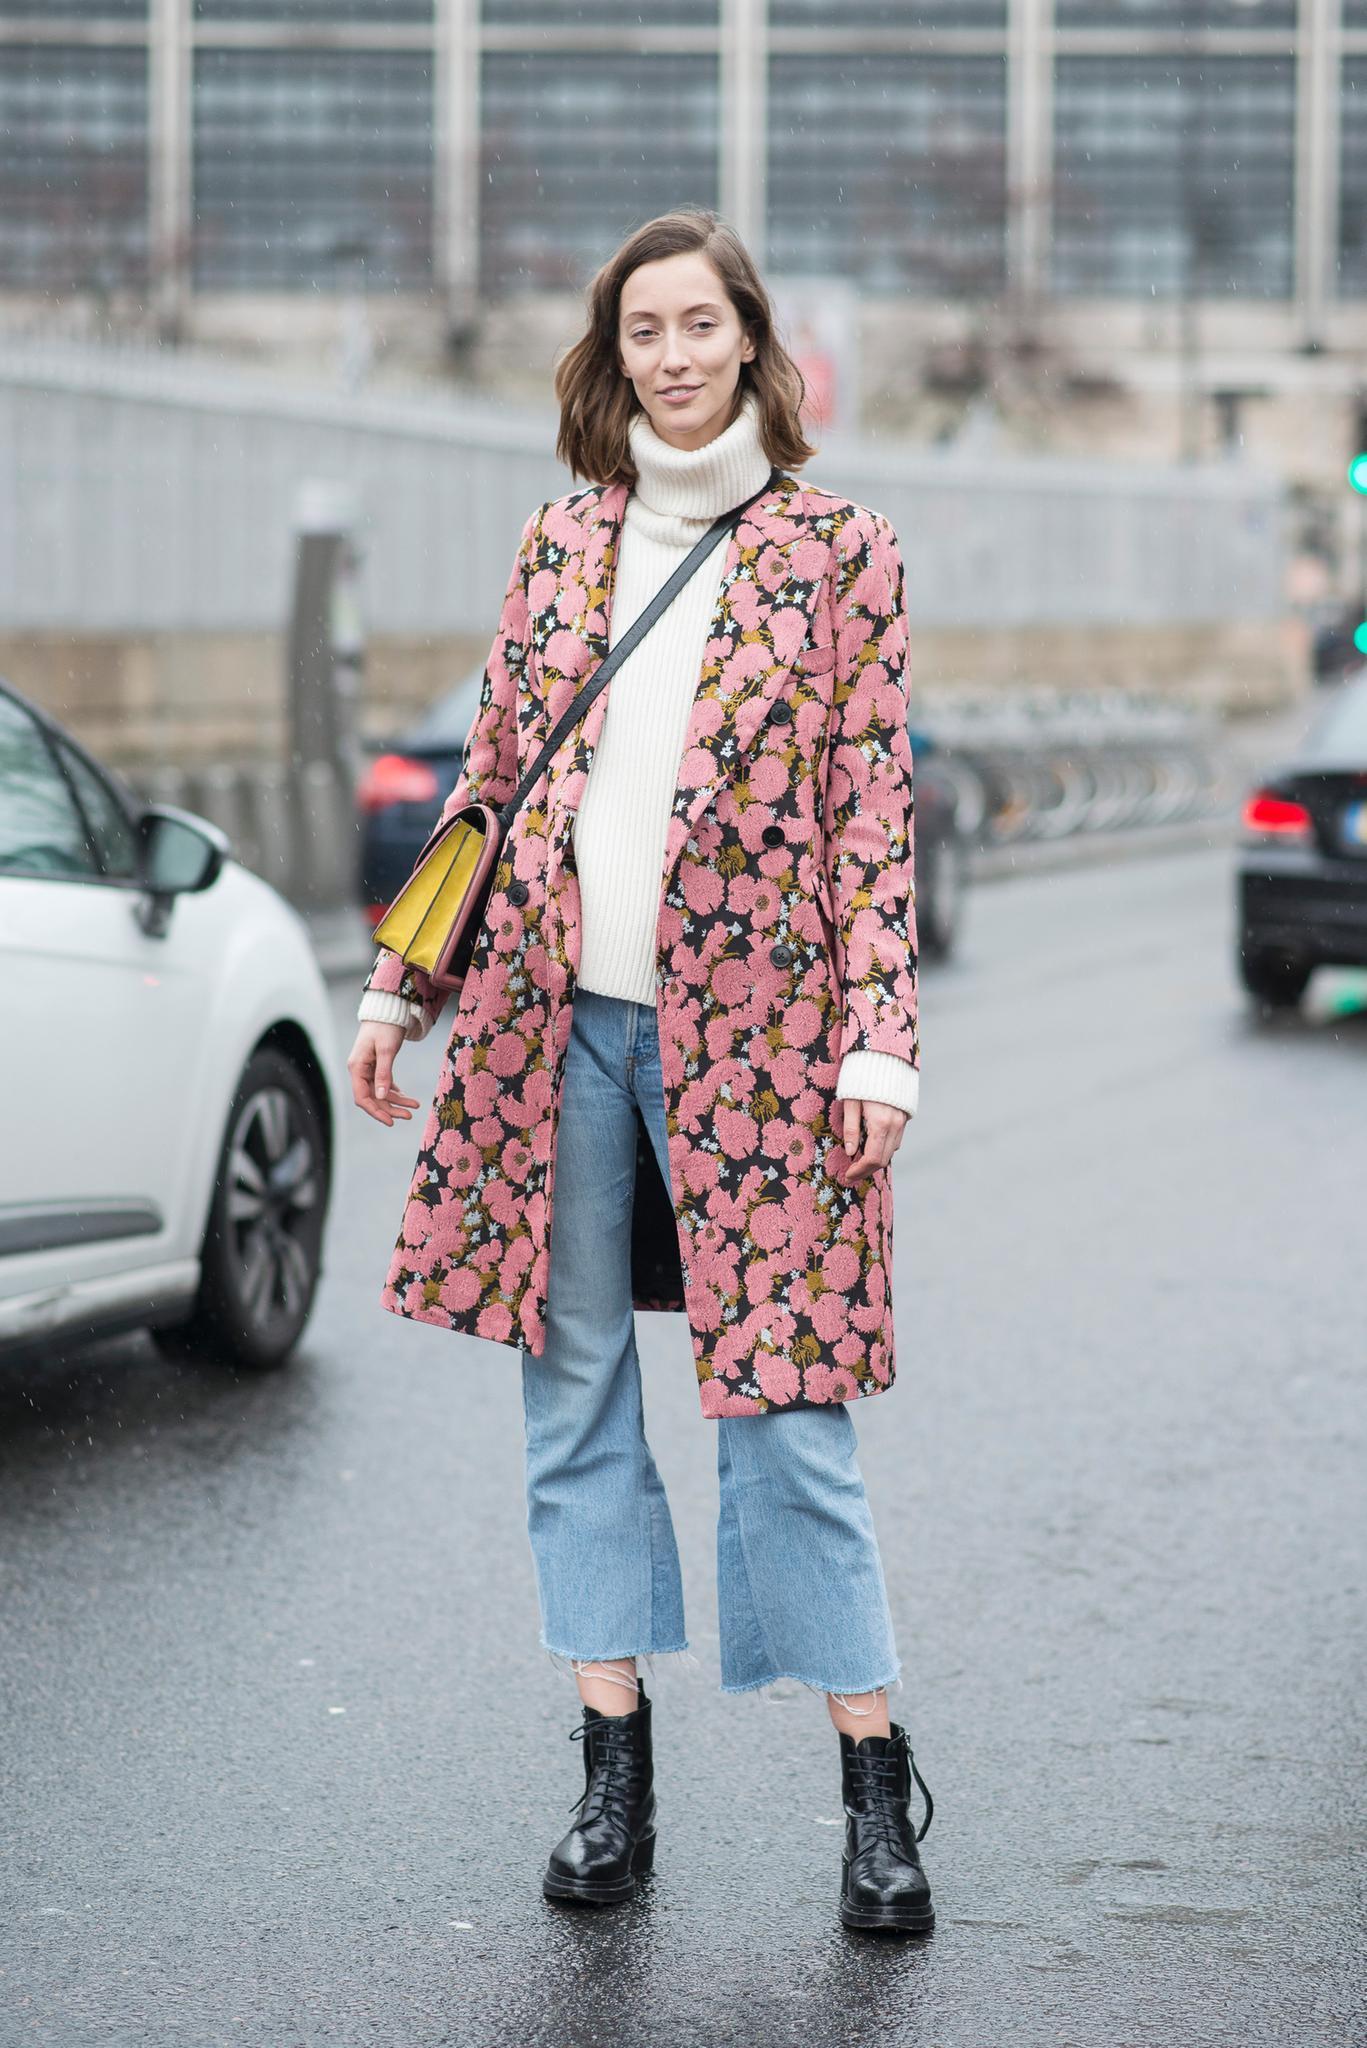 Bloggerin trägt Blumenmantel zu beigem Rolli